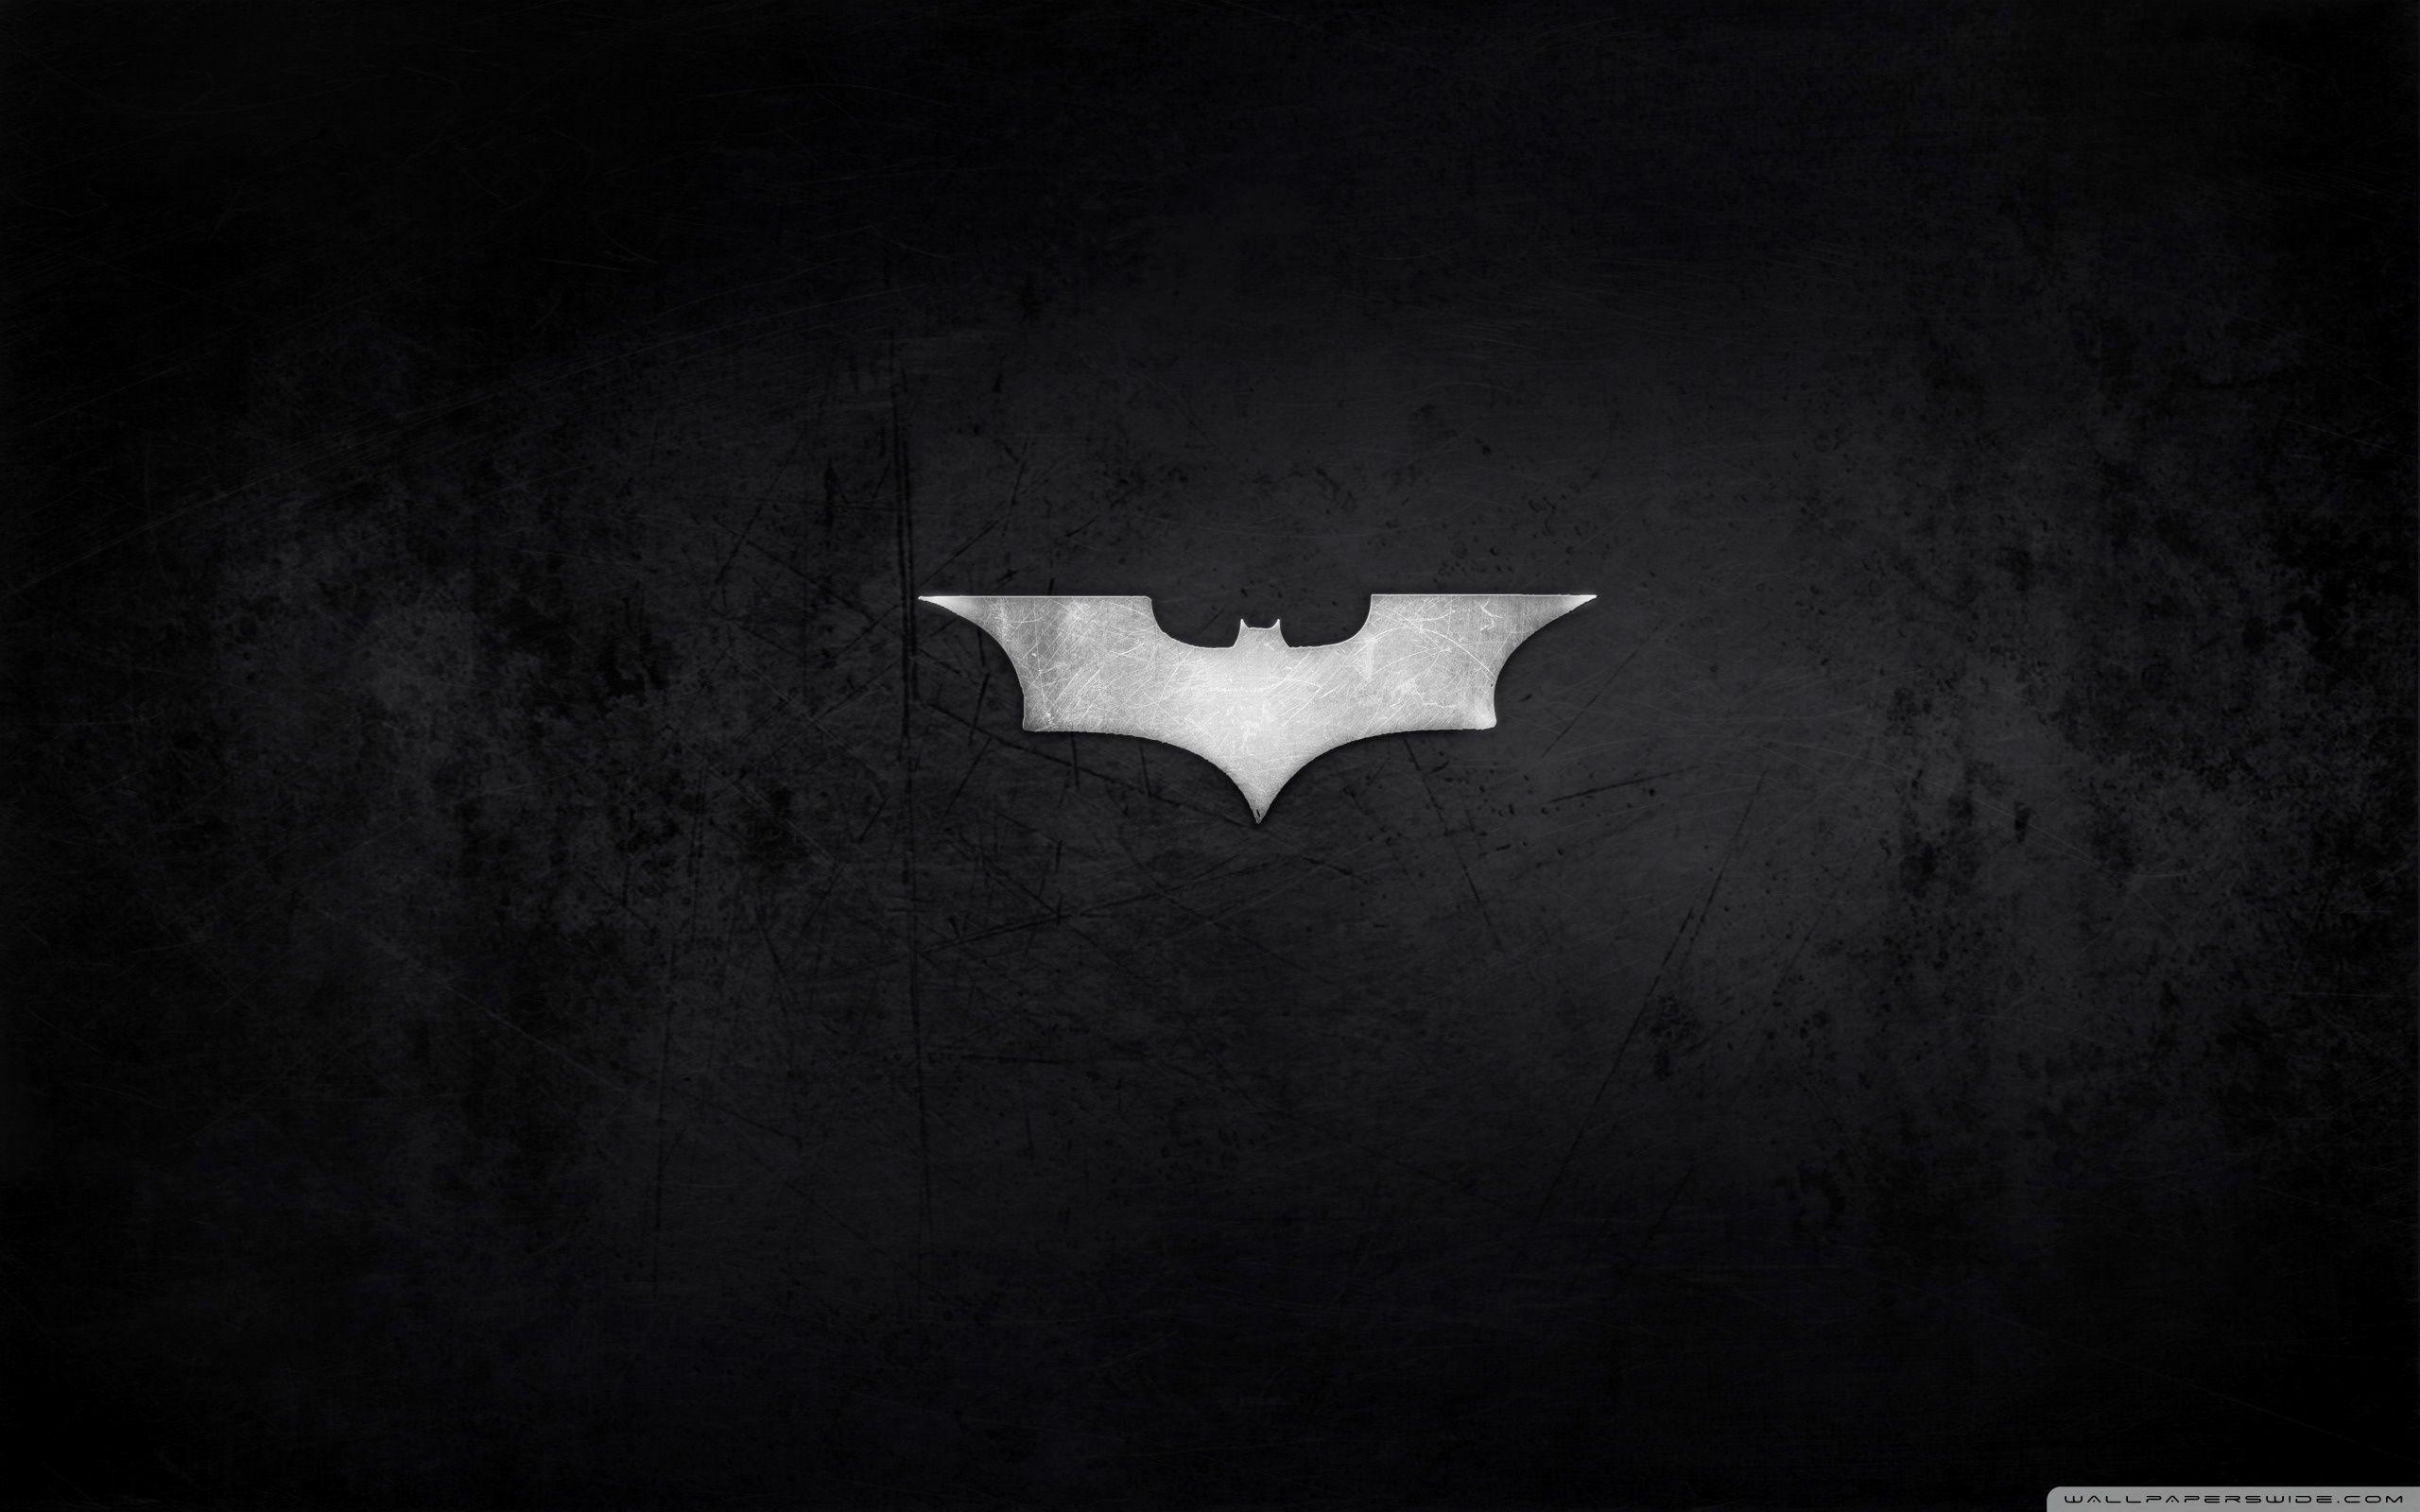 Wallpaper 4k Batman Ideas 4k In 2020 Batman Wallpaper Batman Backgrounds Hd Batman Wallpaper